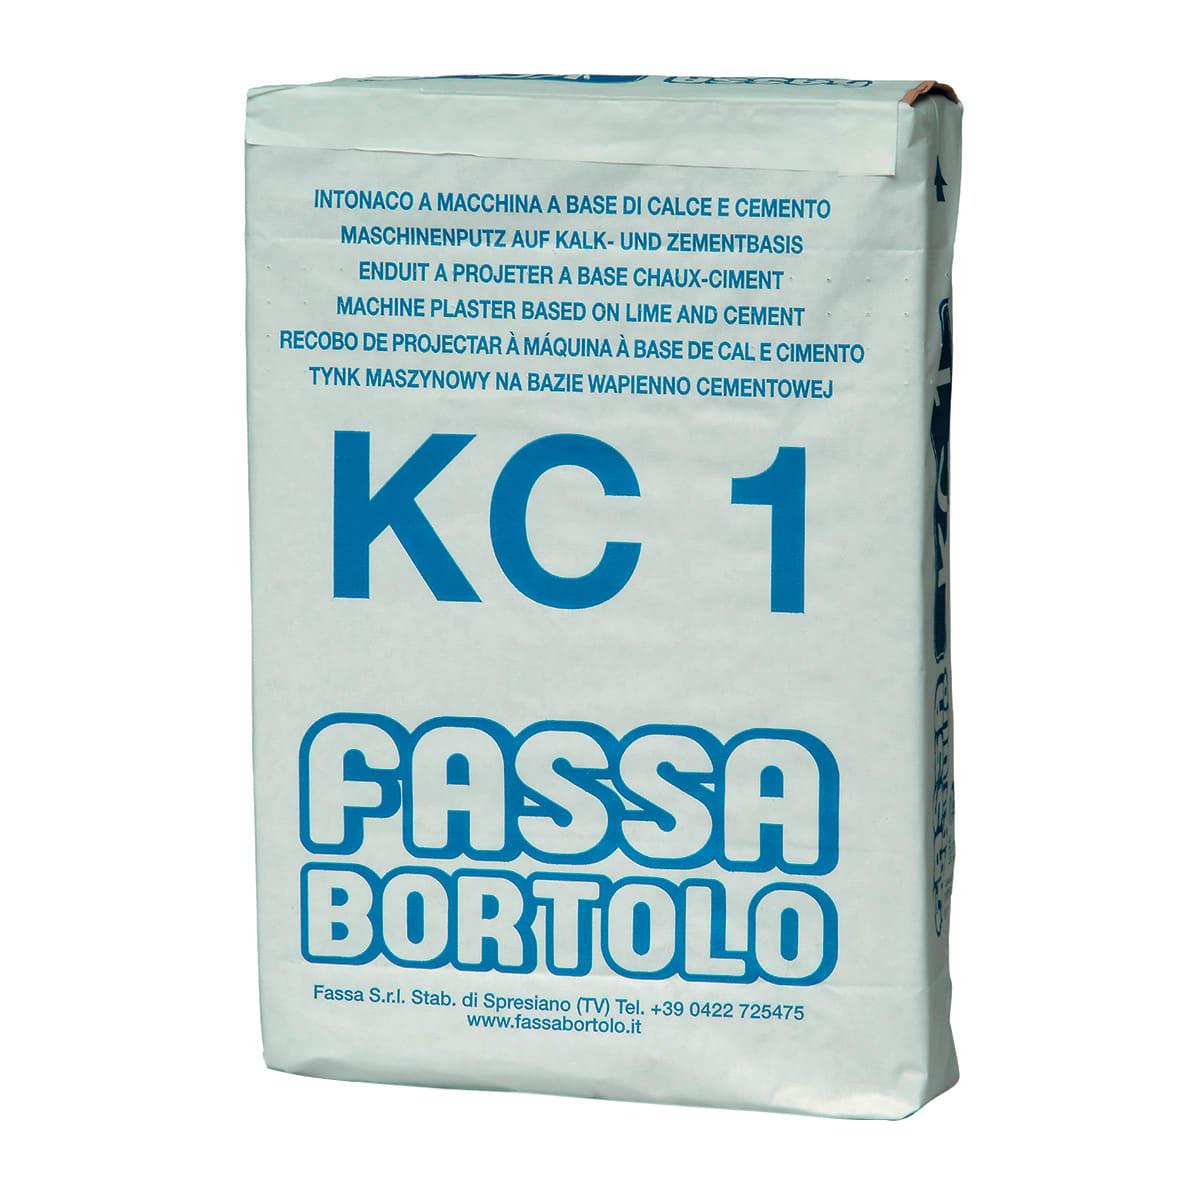 Cemento Premiscelato Per Top Cucina intonaco fassa bortolo kc1 25 kg